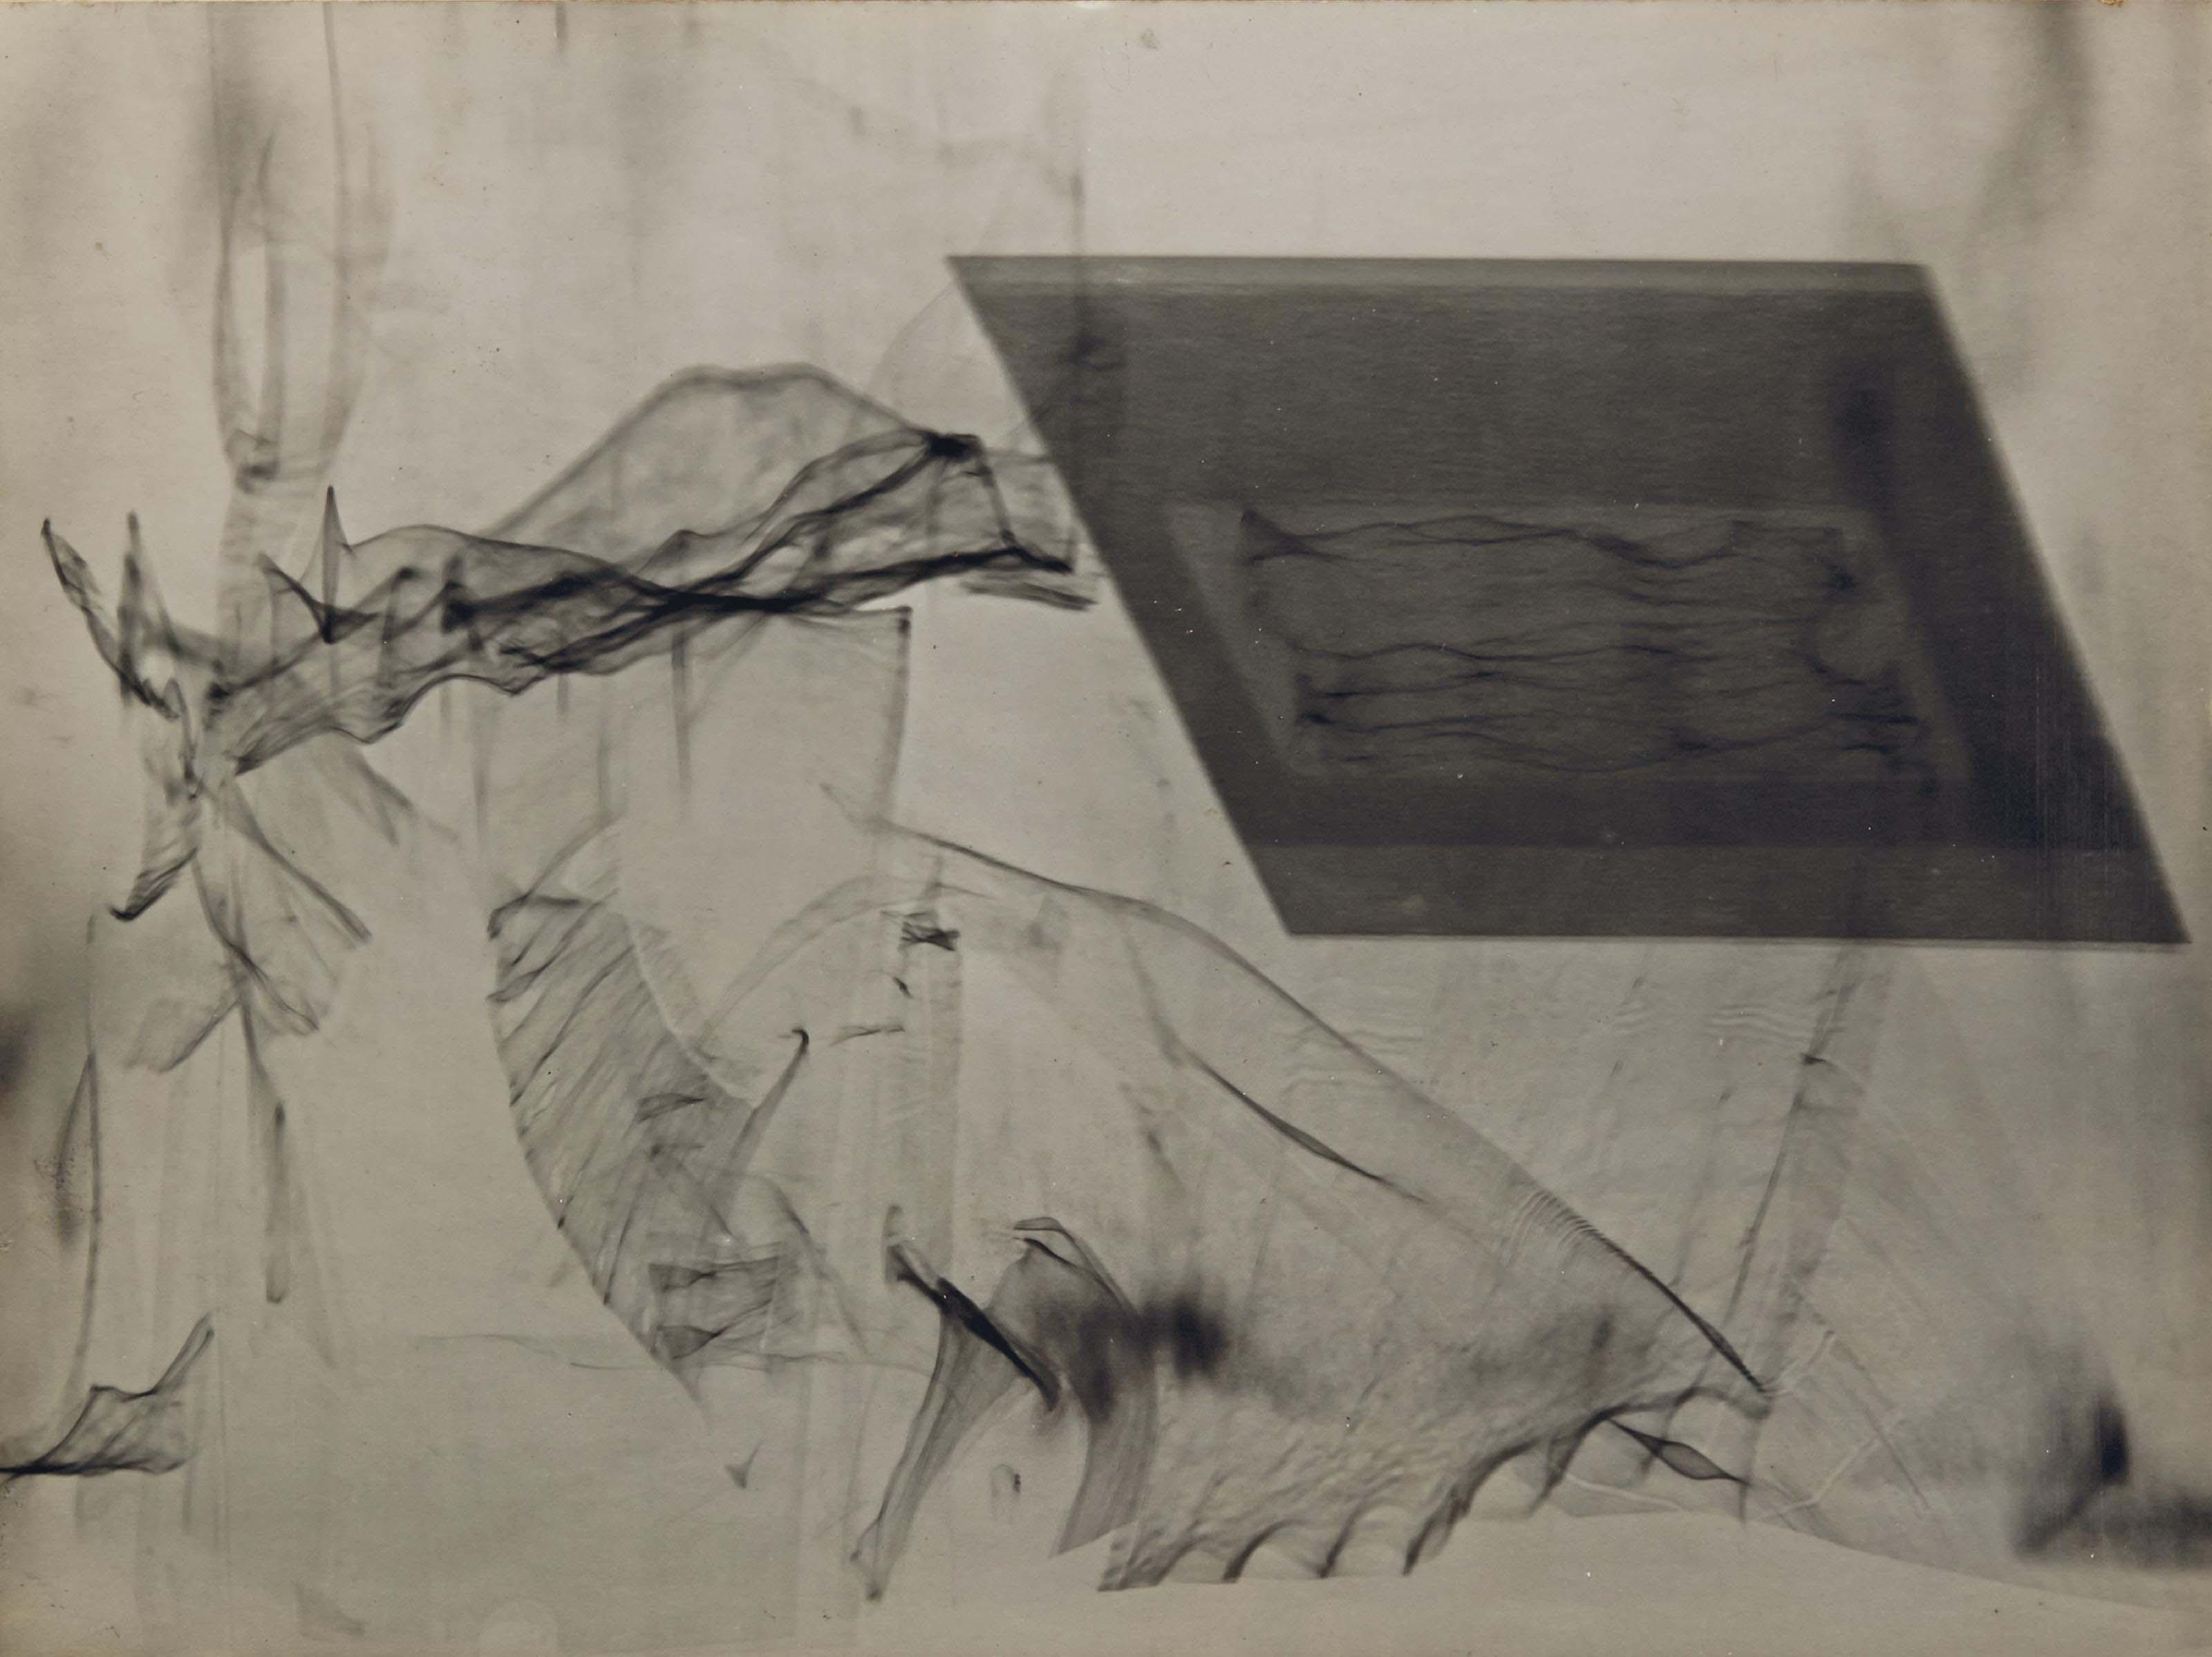 Untitled (Solarization), 1937